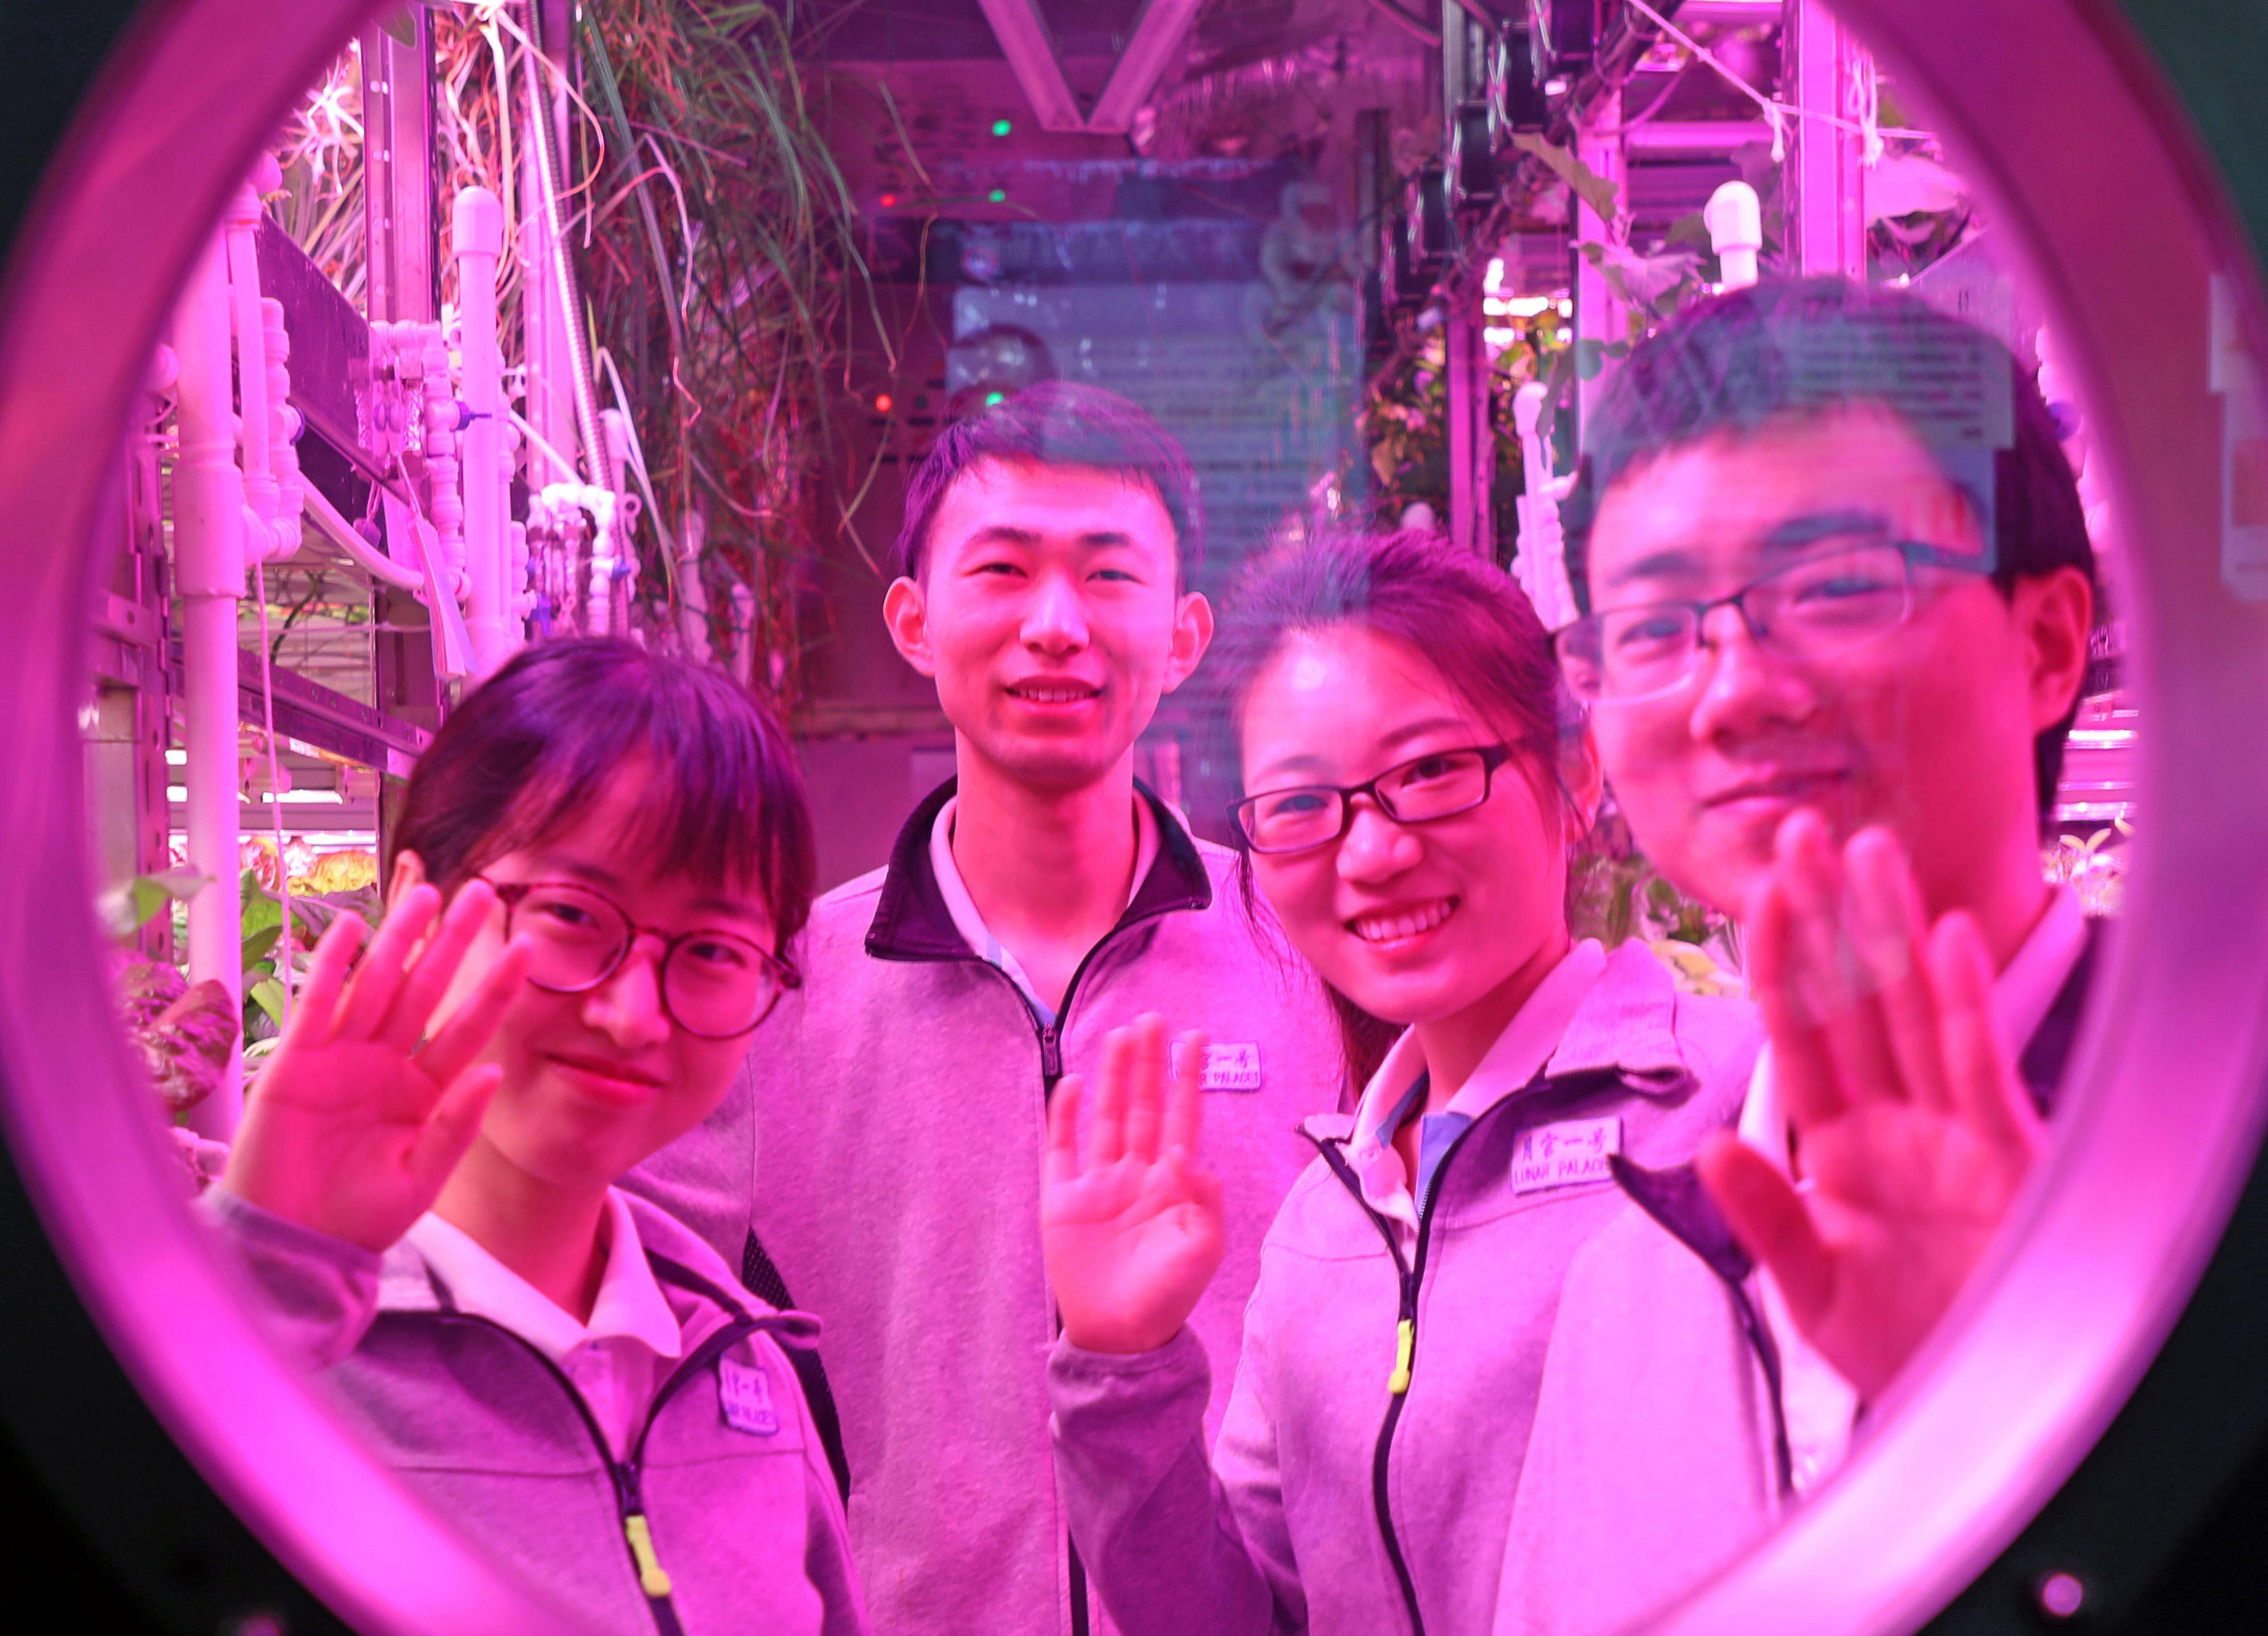 Kétszáz napot töltött egy laborban négy kínai diák